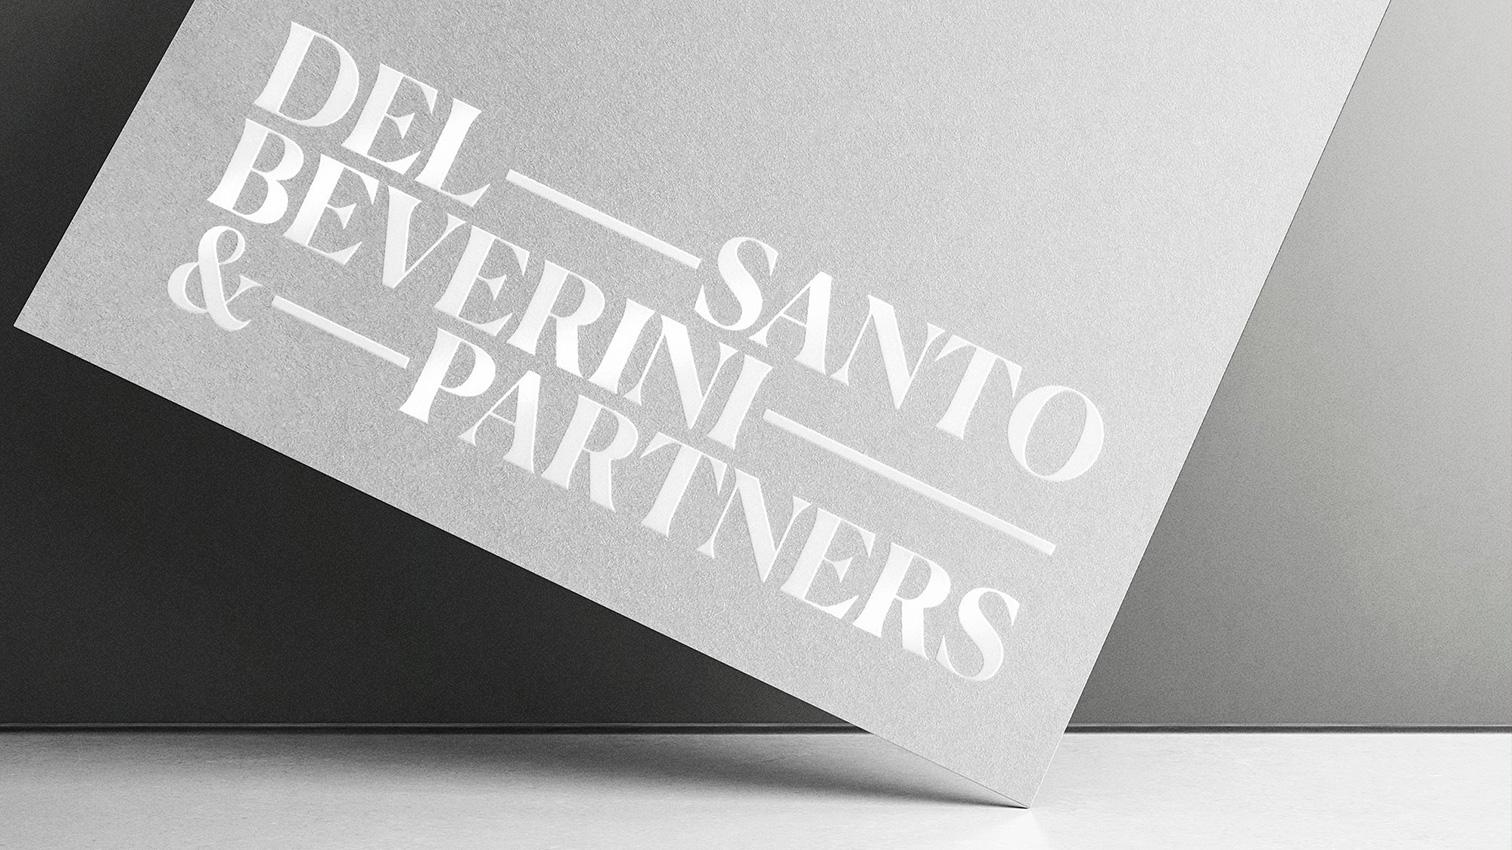 Del Santo Beverini & Partners